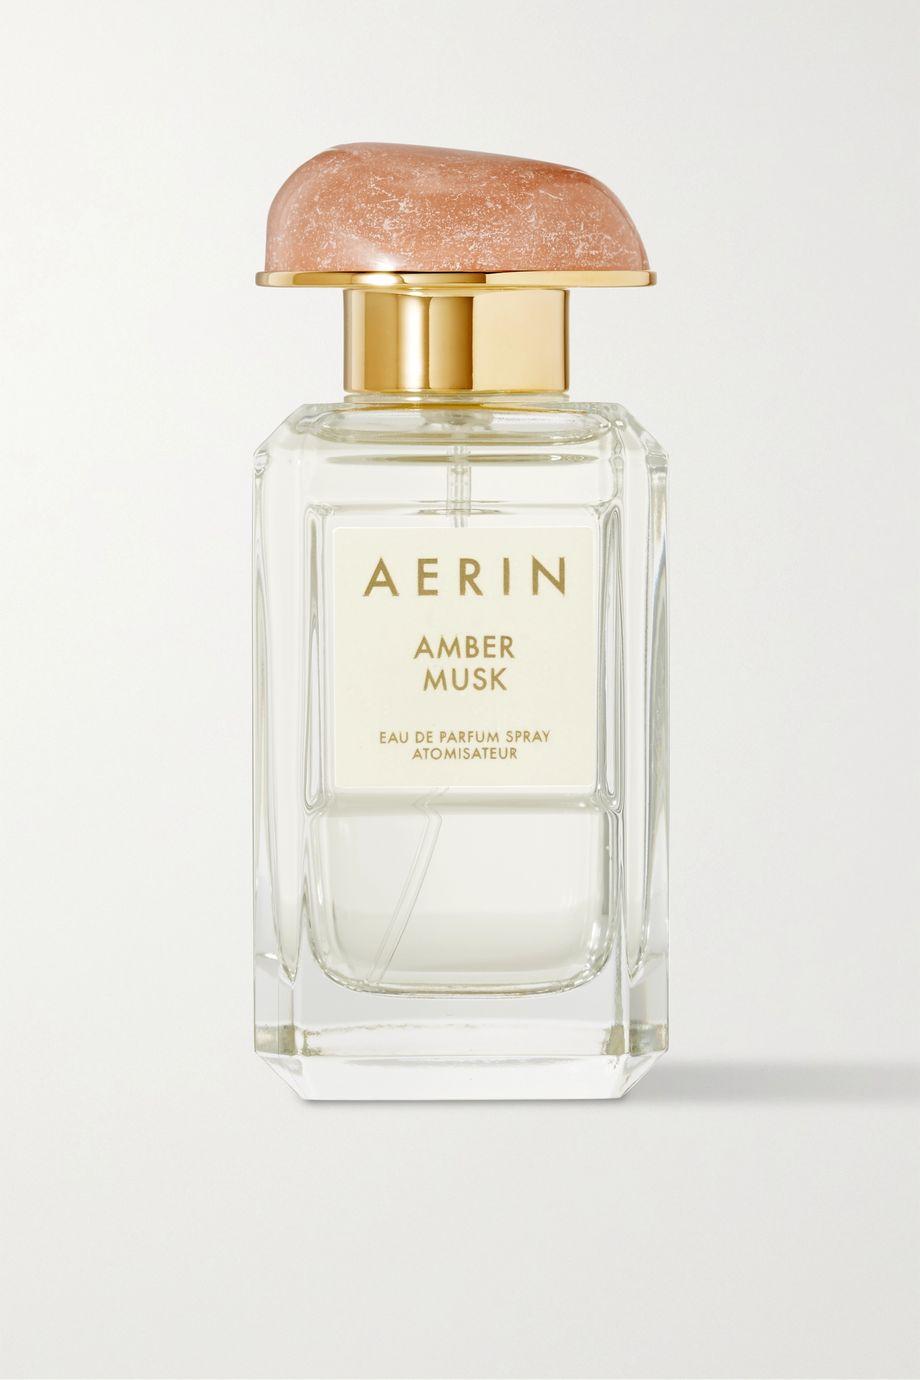 AERIN Beauty Amber Musk, 50 ml – Eau de Parfum